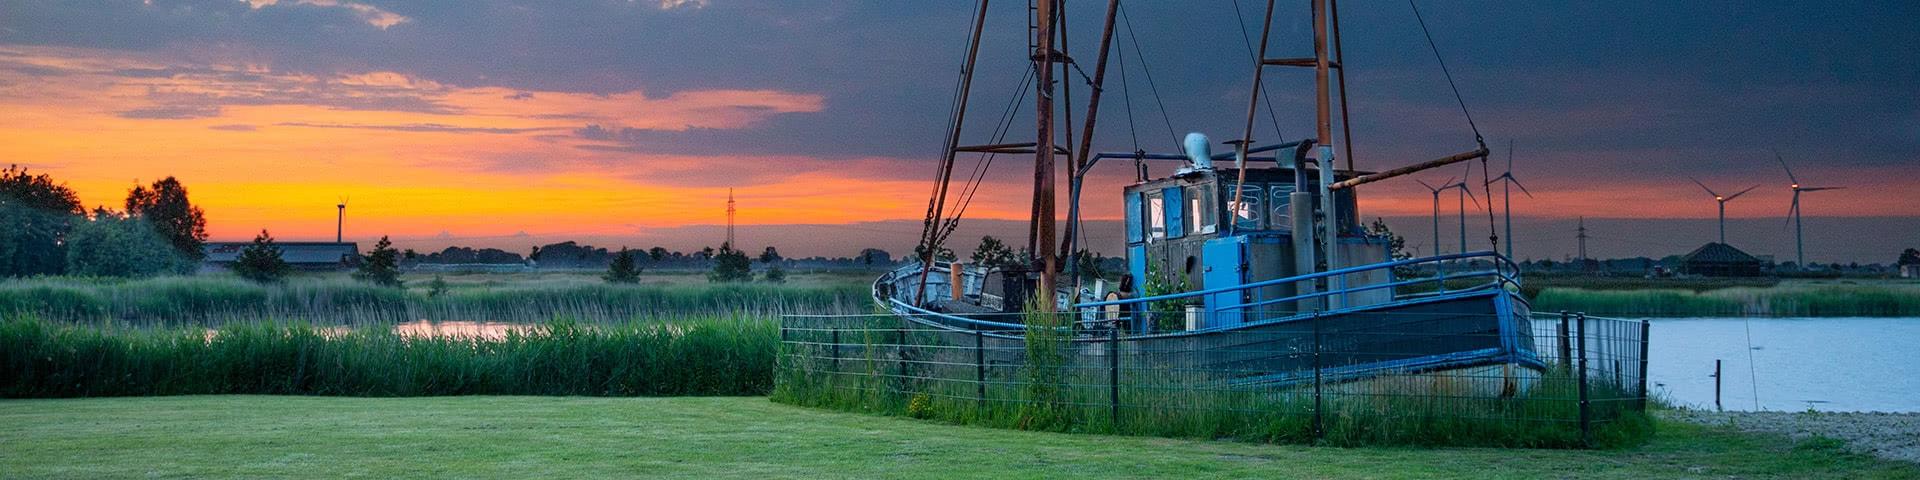 Altes Schiff im Wangerland bei Abendstimmung